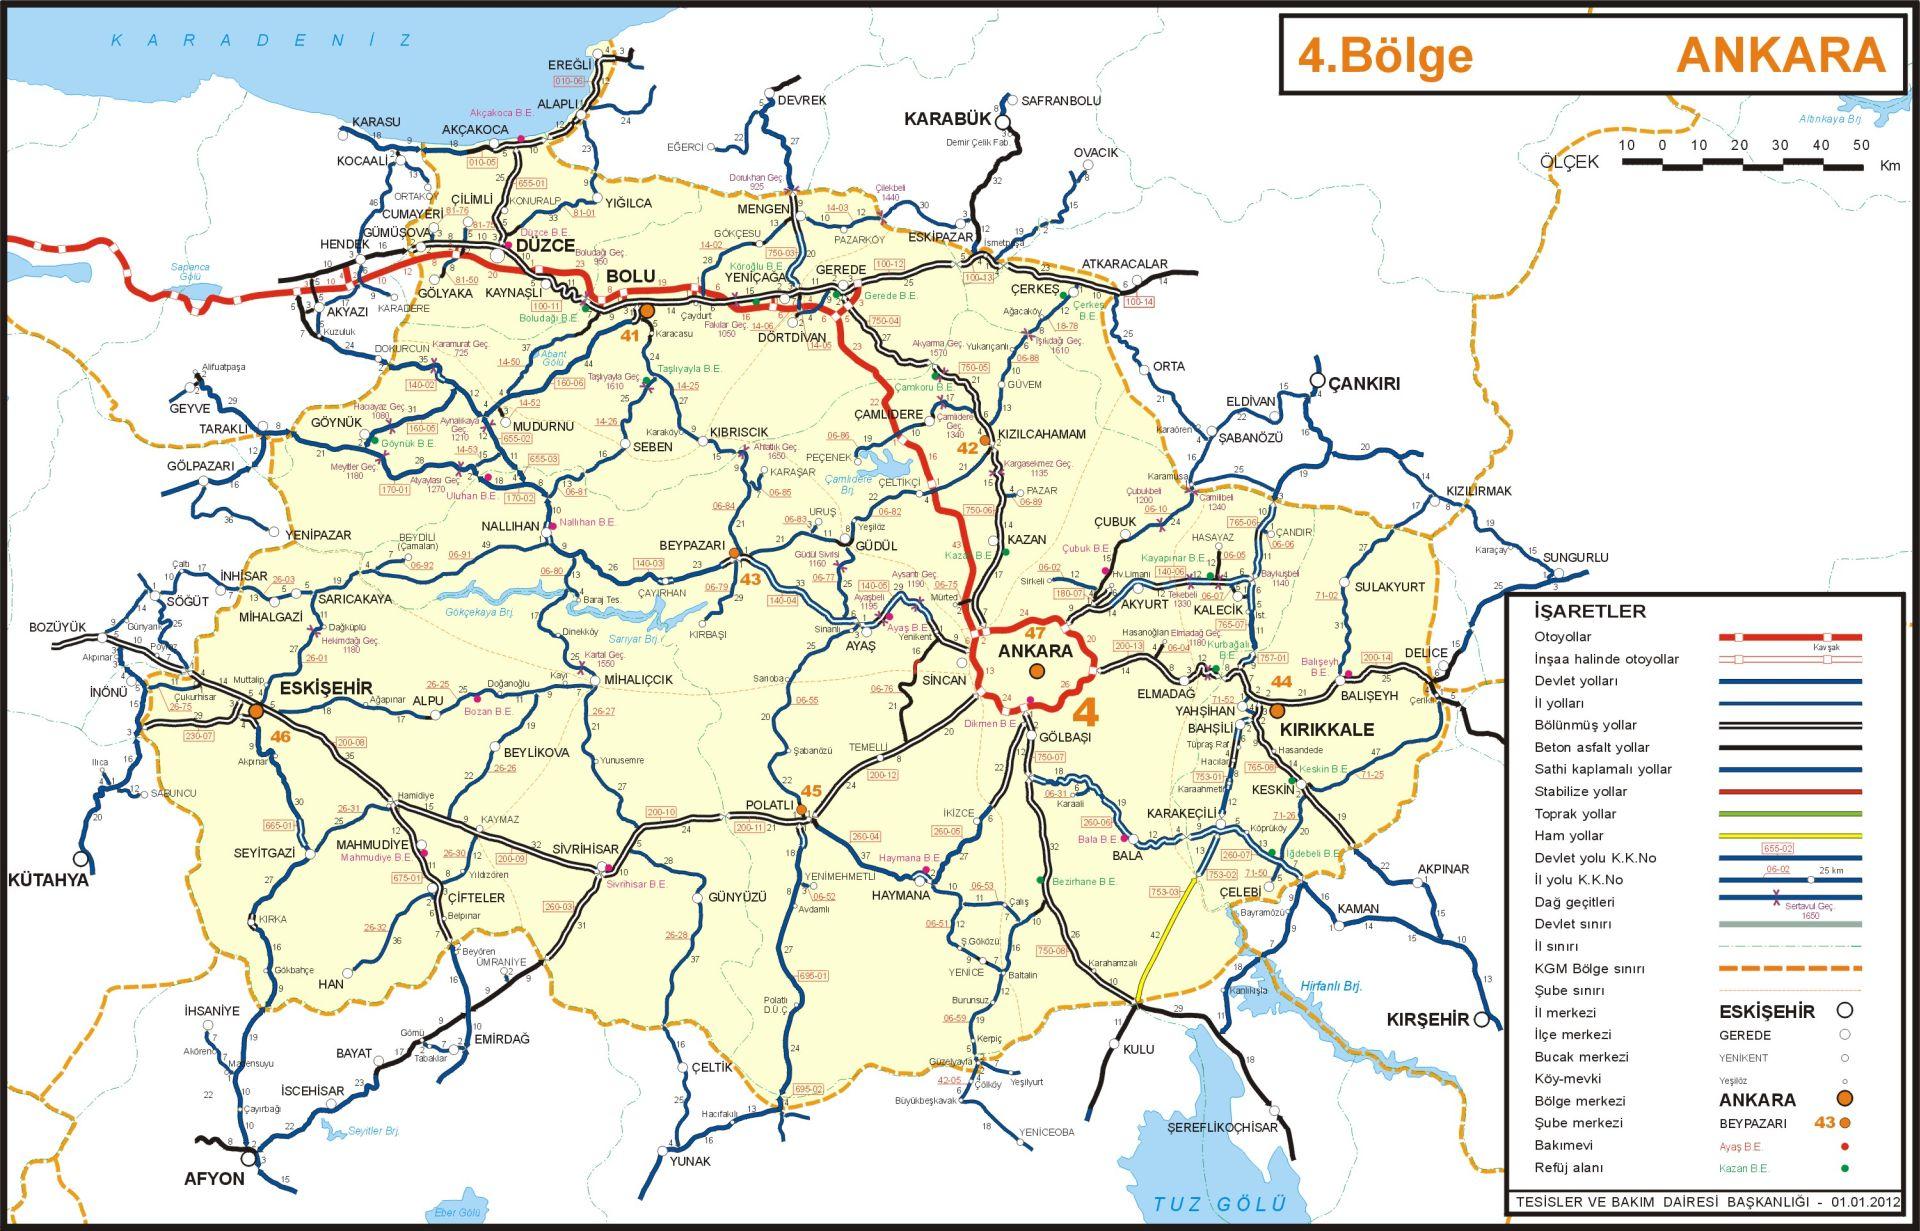 Иль Анкара Турция карта